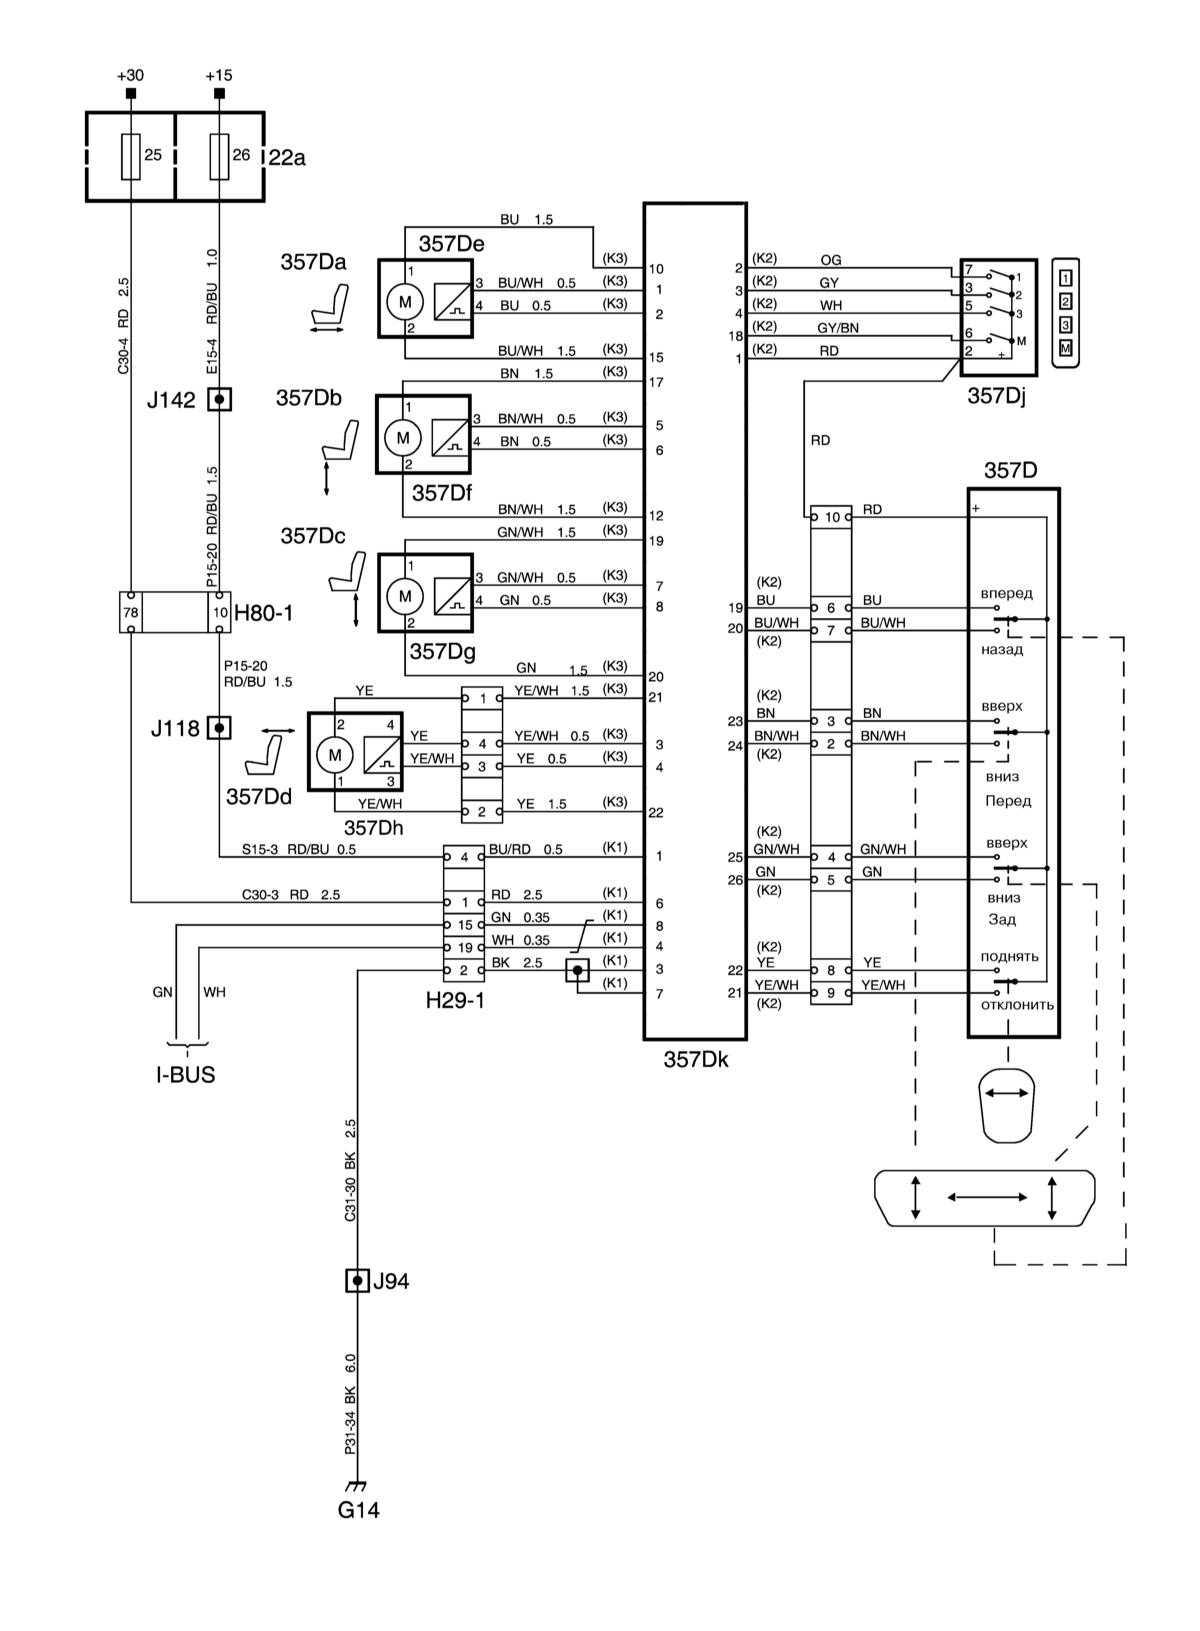 w210 1996 схема памяти сидения